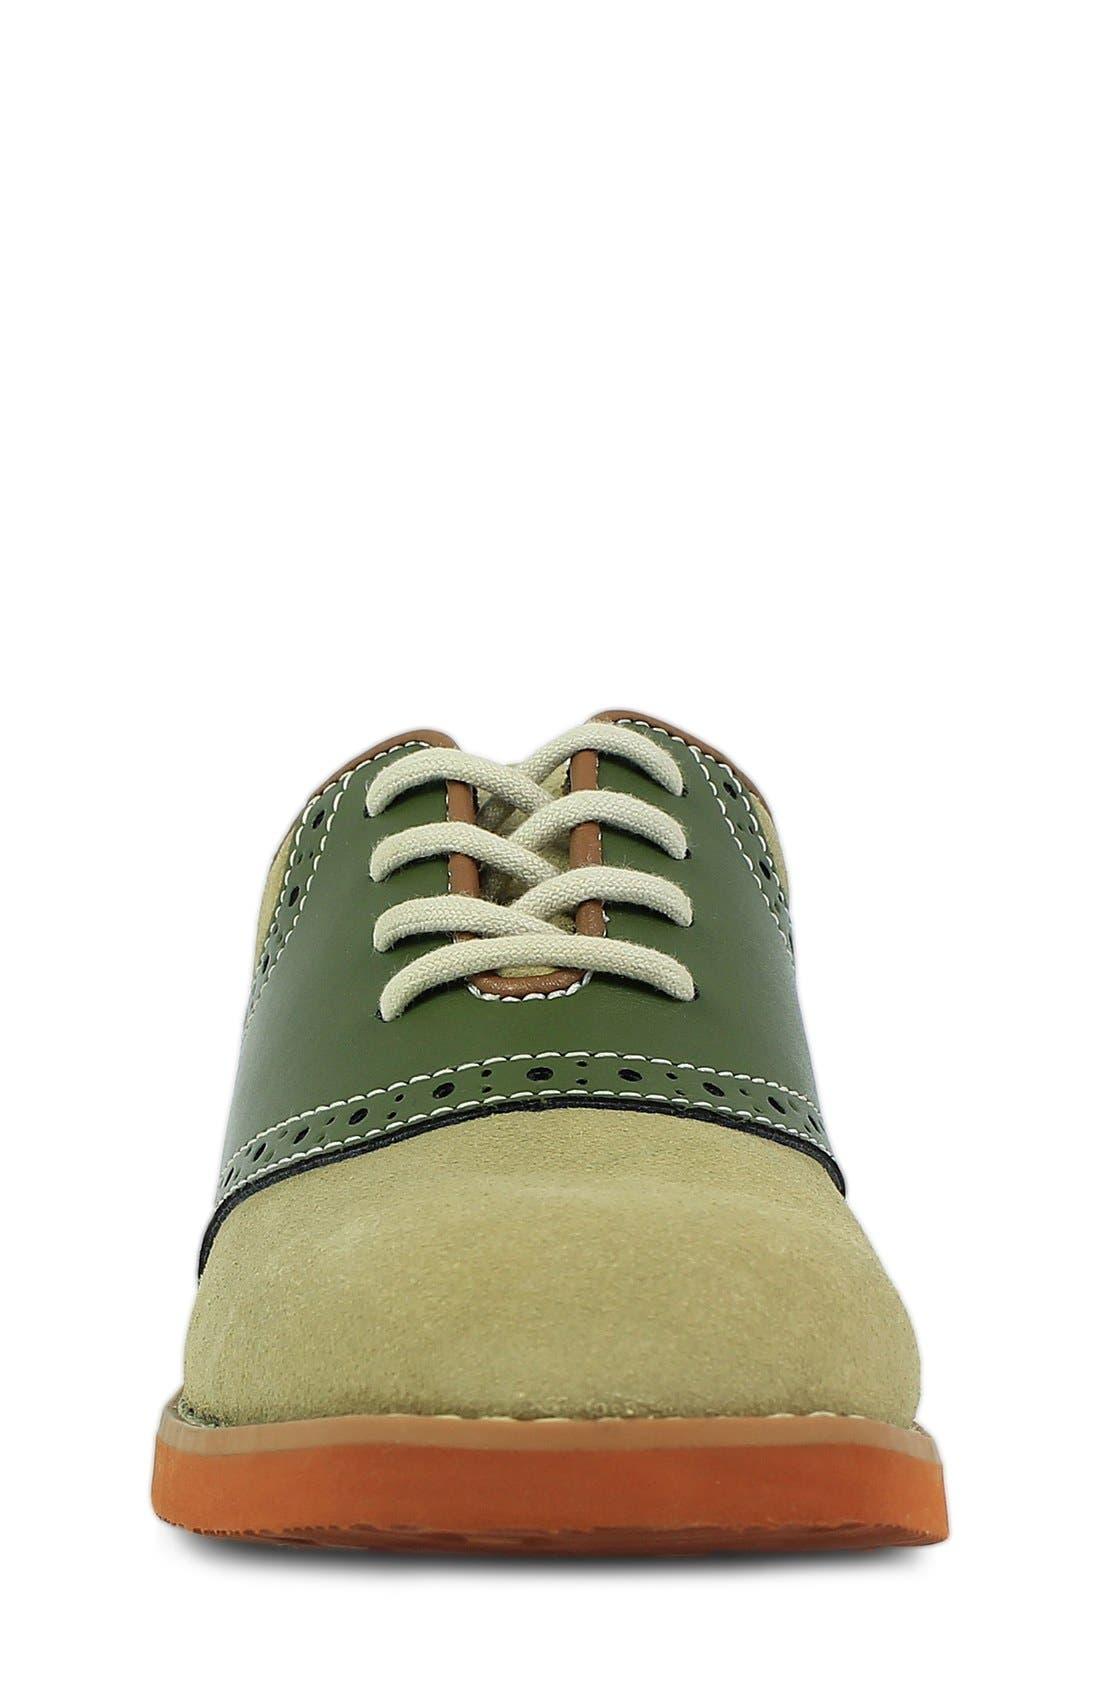 'Kennett Jr.' Saddle Shoe,                             Alternate thumbnail 4, color,                             200